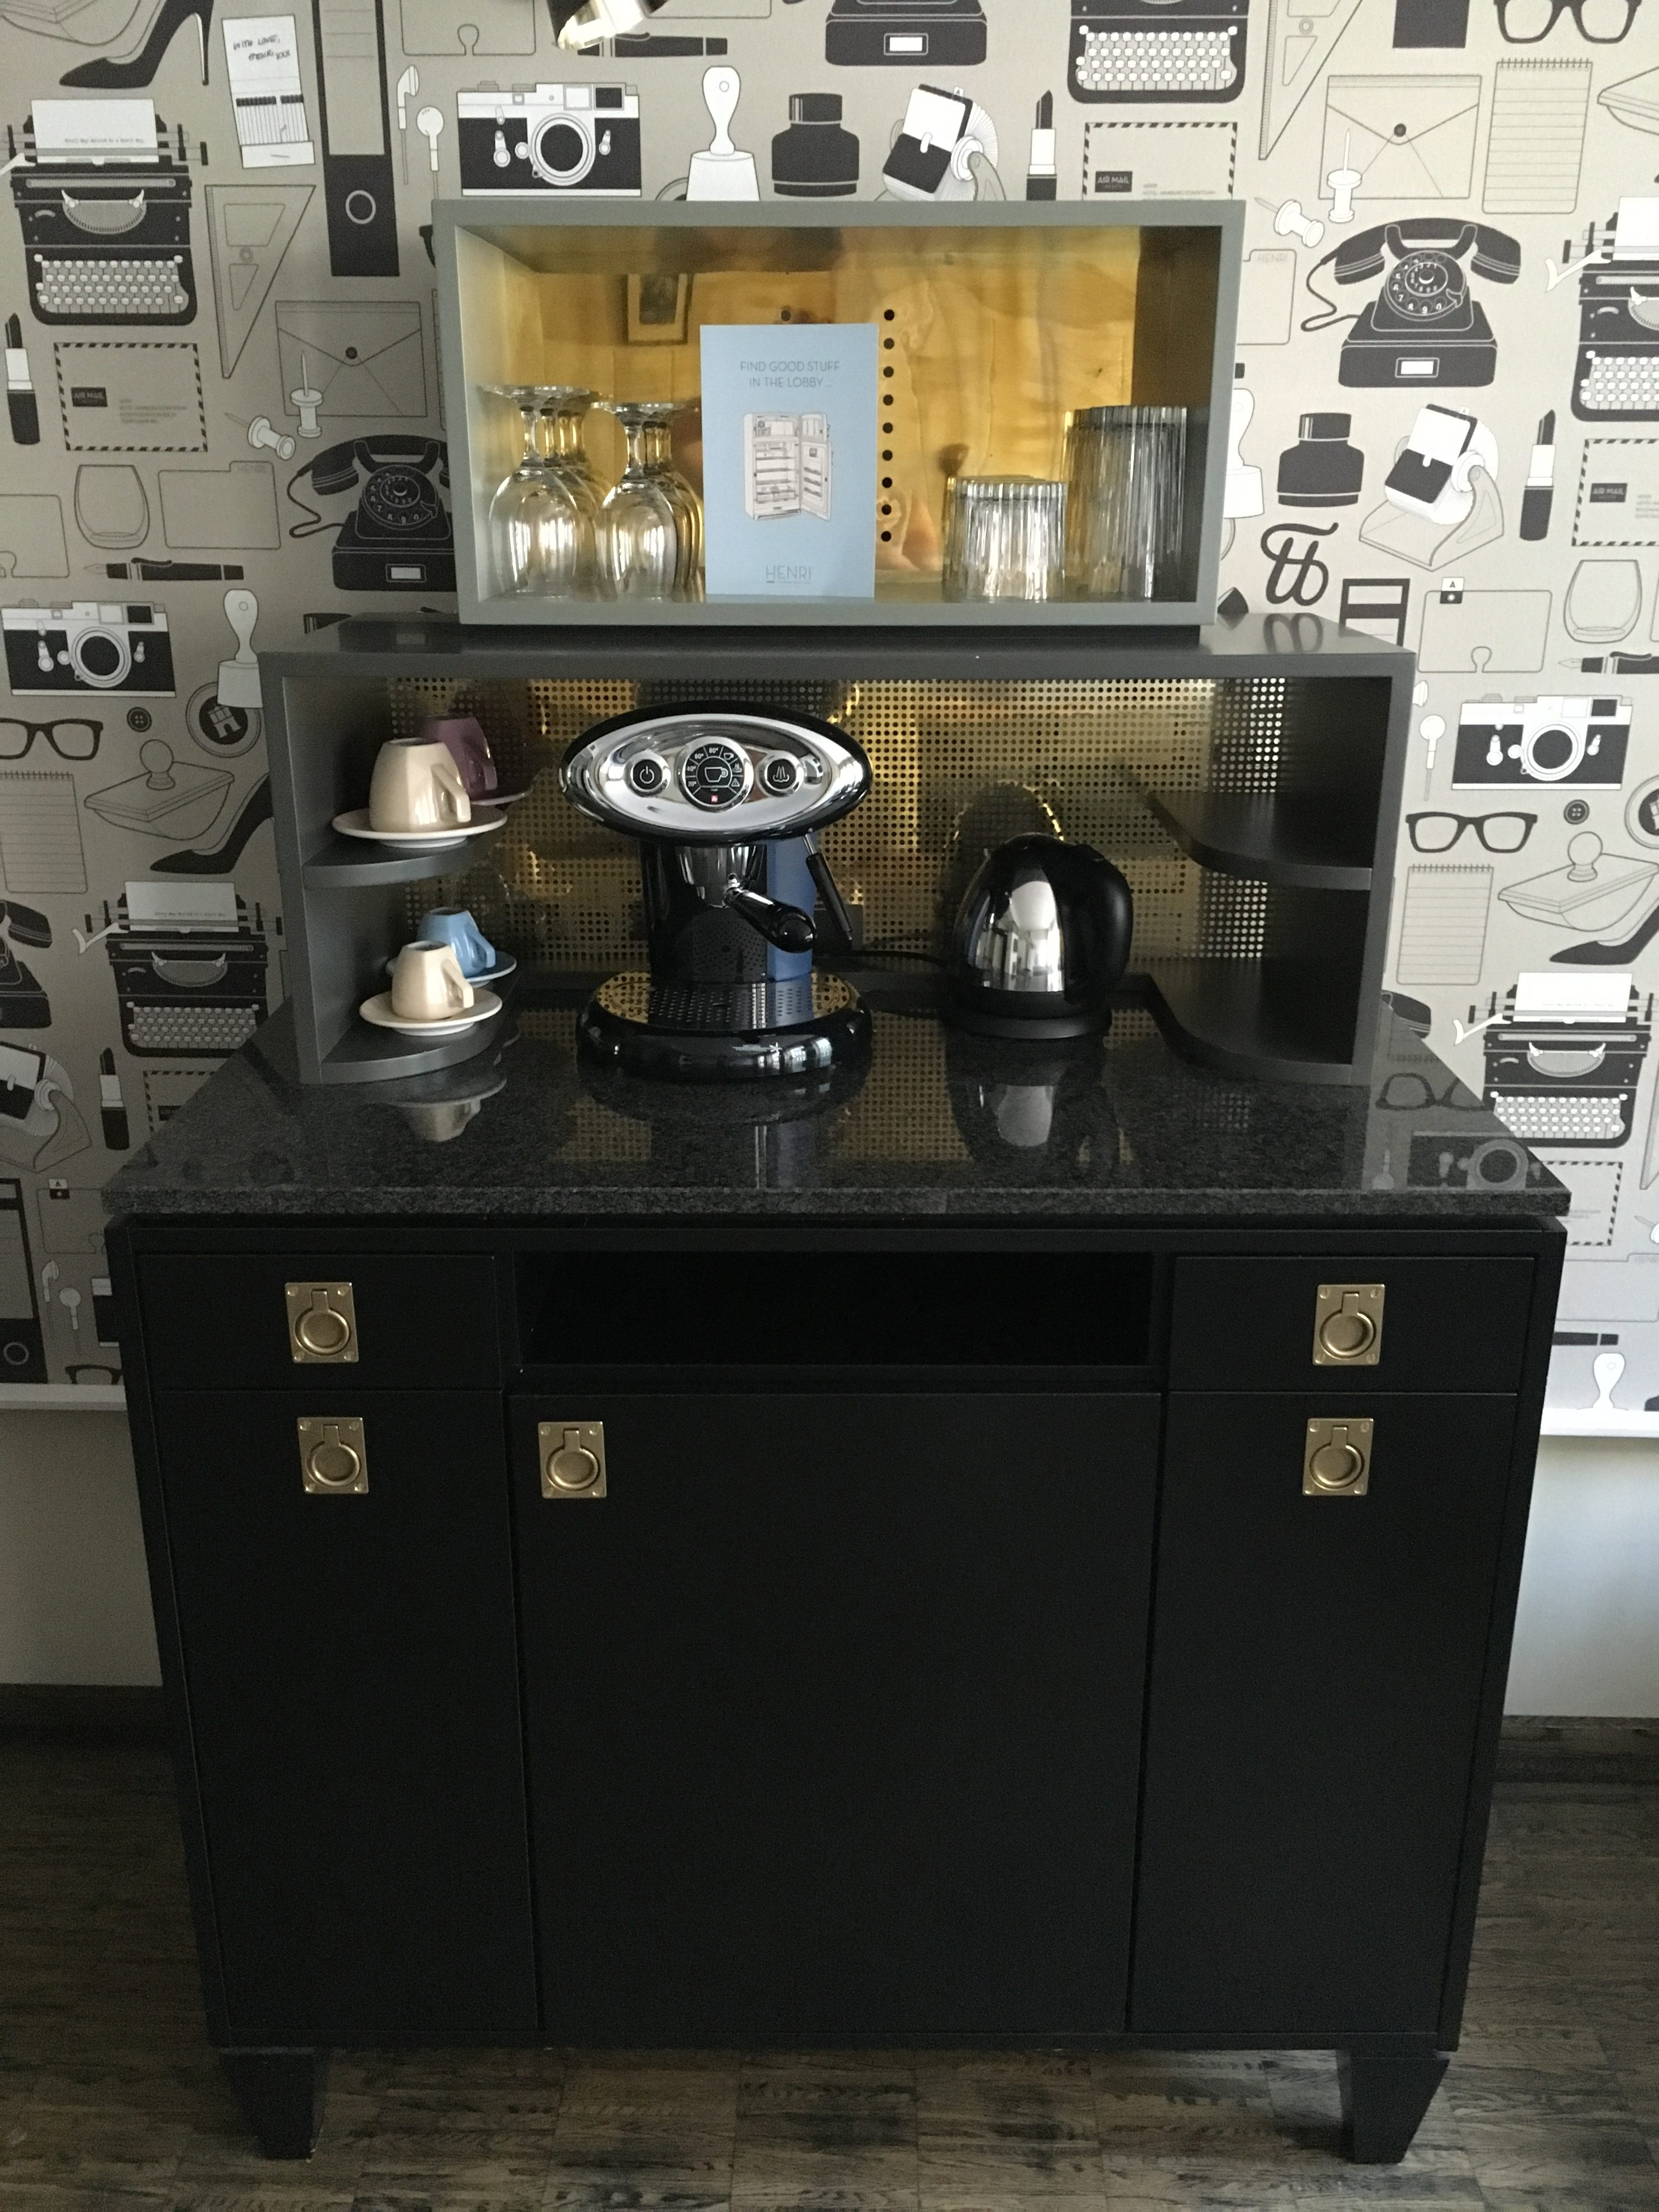 Kaffebar på mit opgraderede hotelværelse.